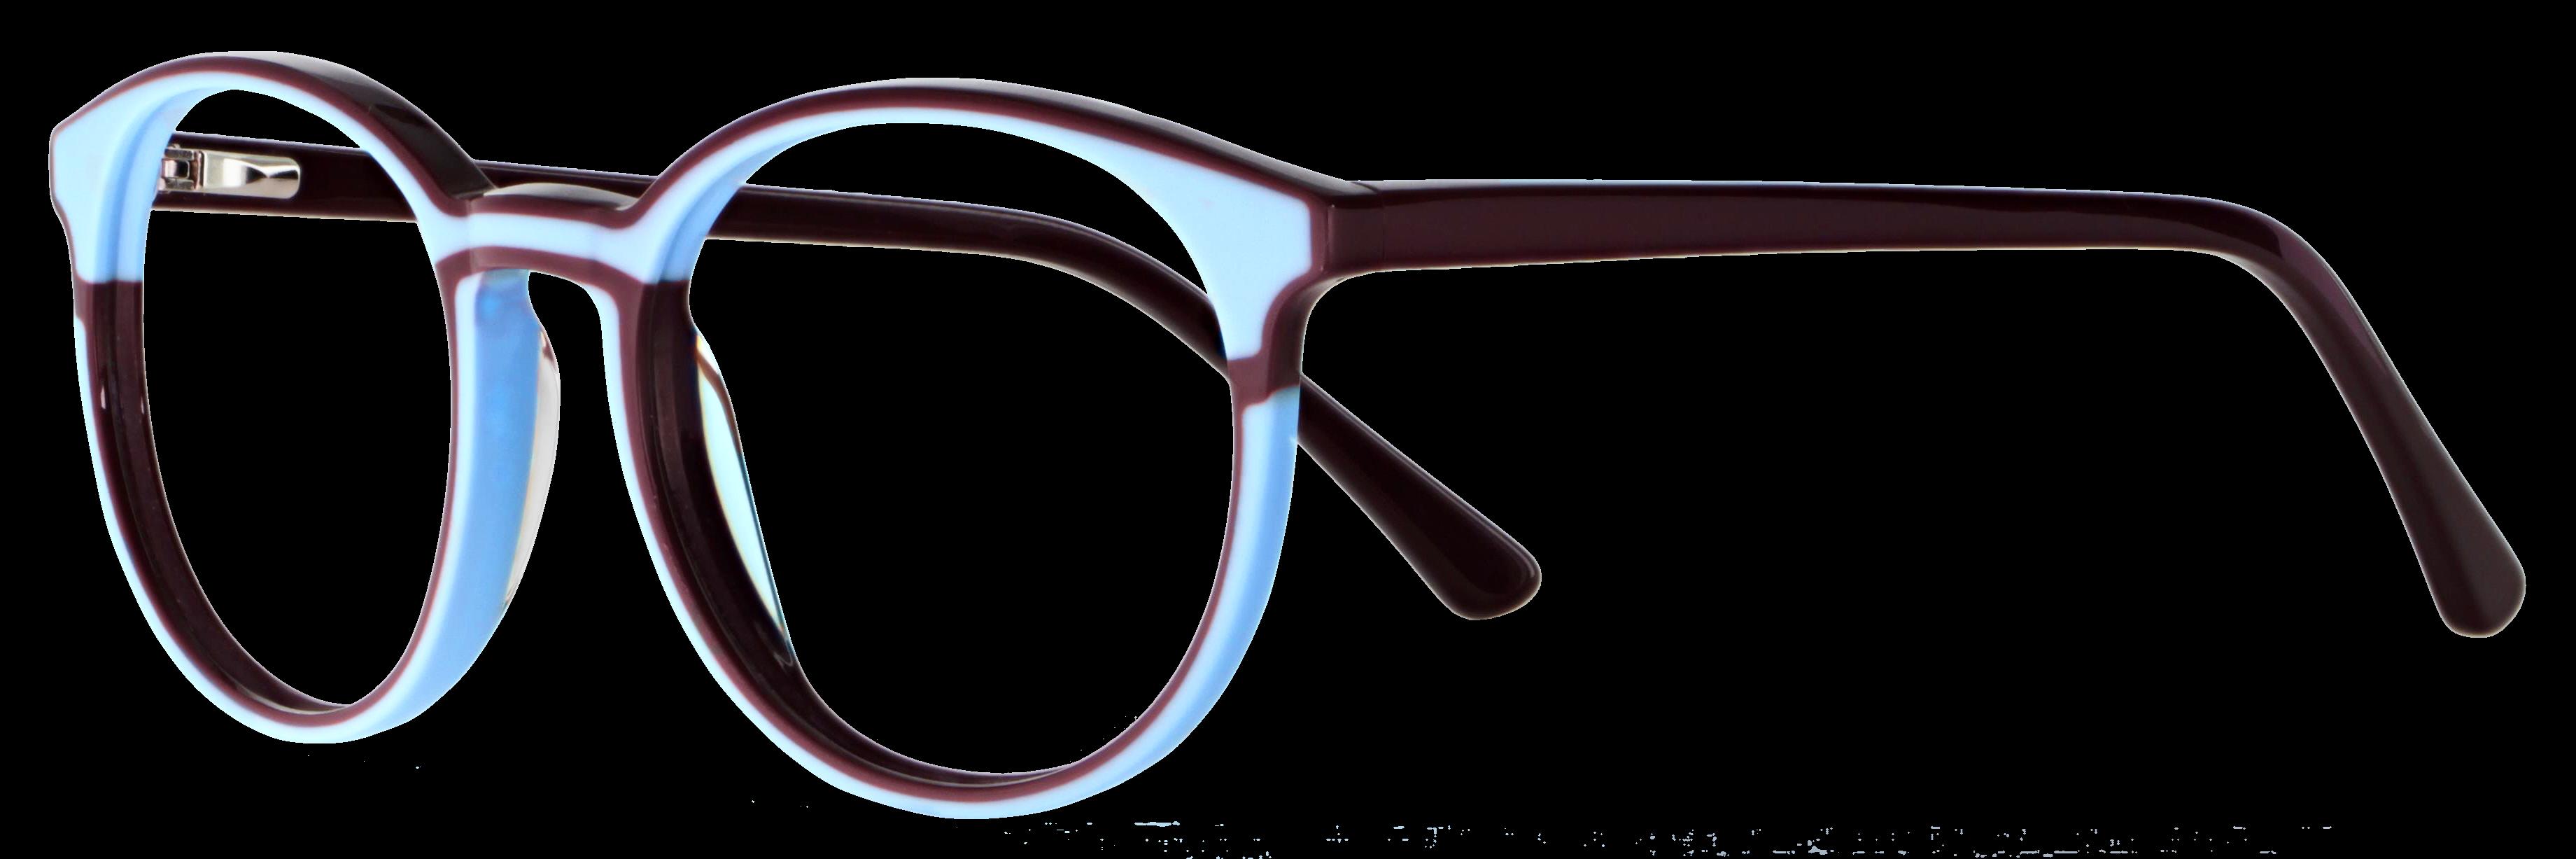 abele optik Brille 139481